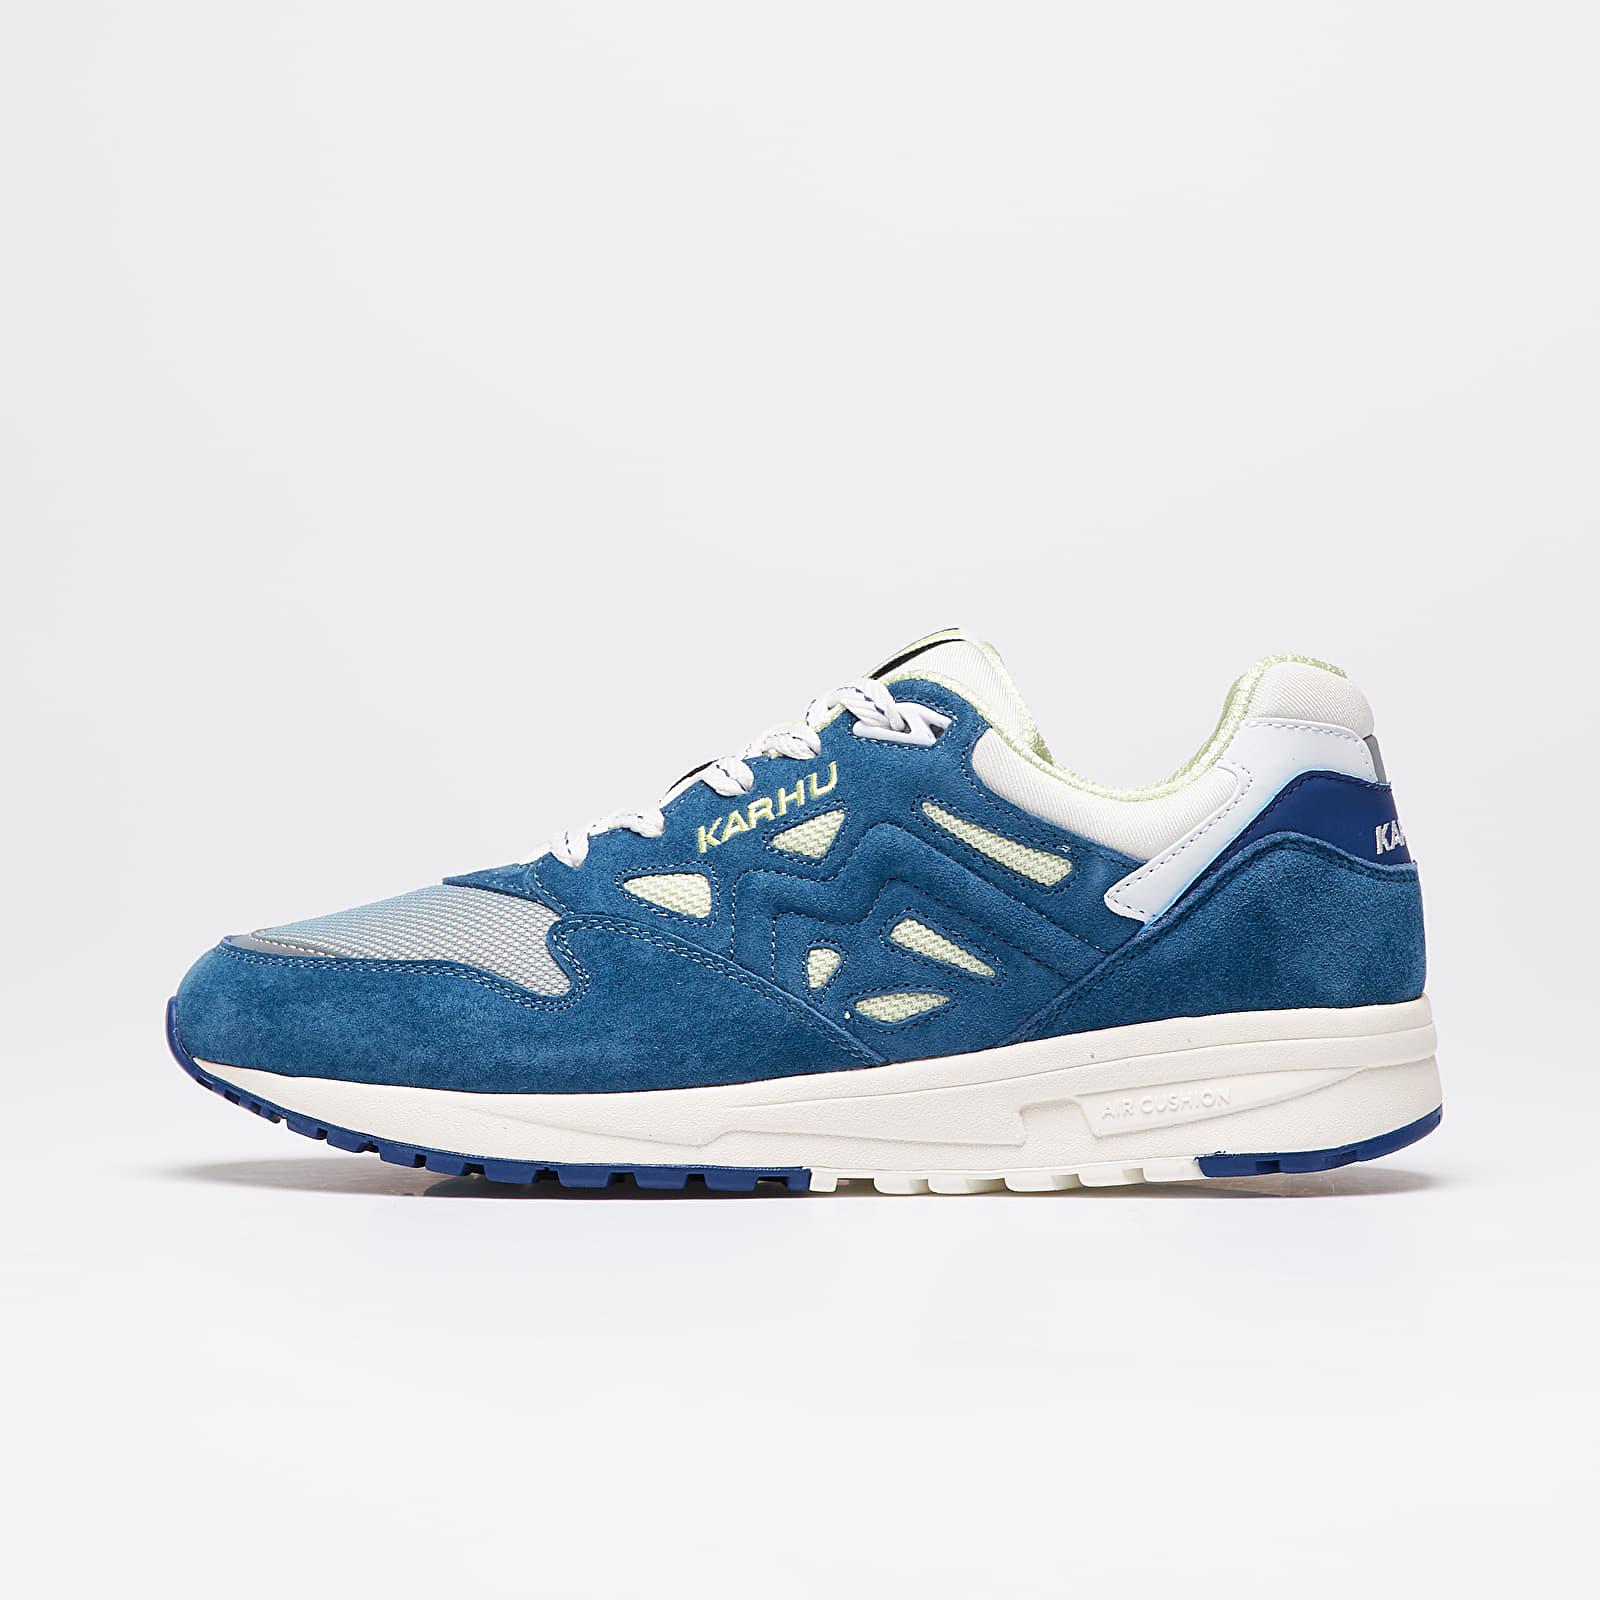 Férfi cipők Karhu Legacy 96 Stellar/ Cameo Blue